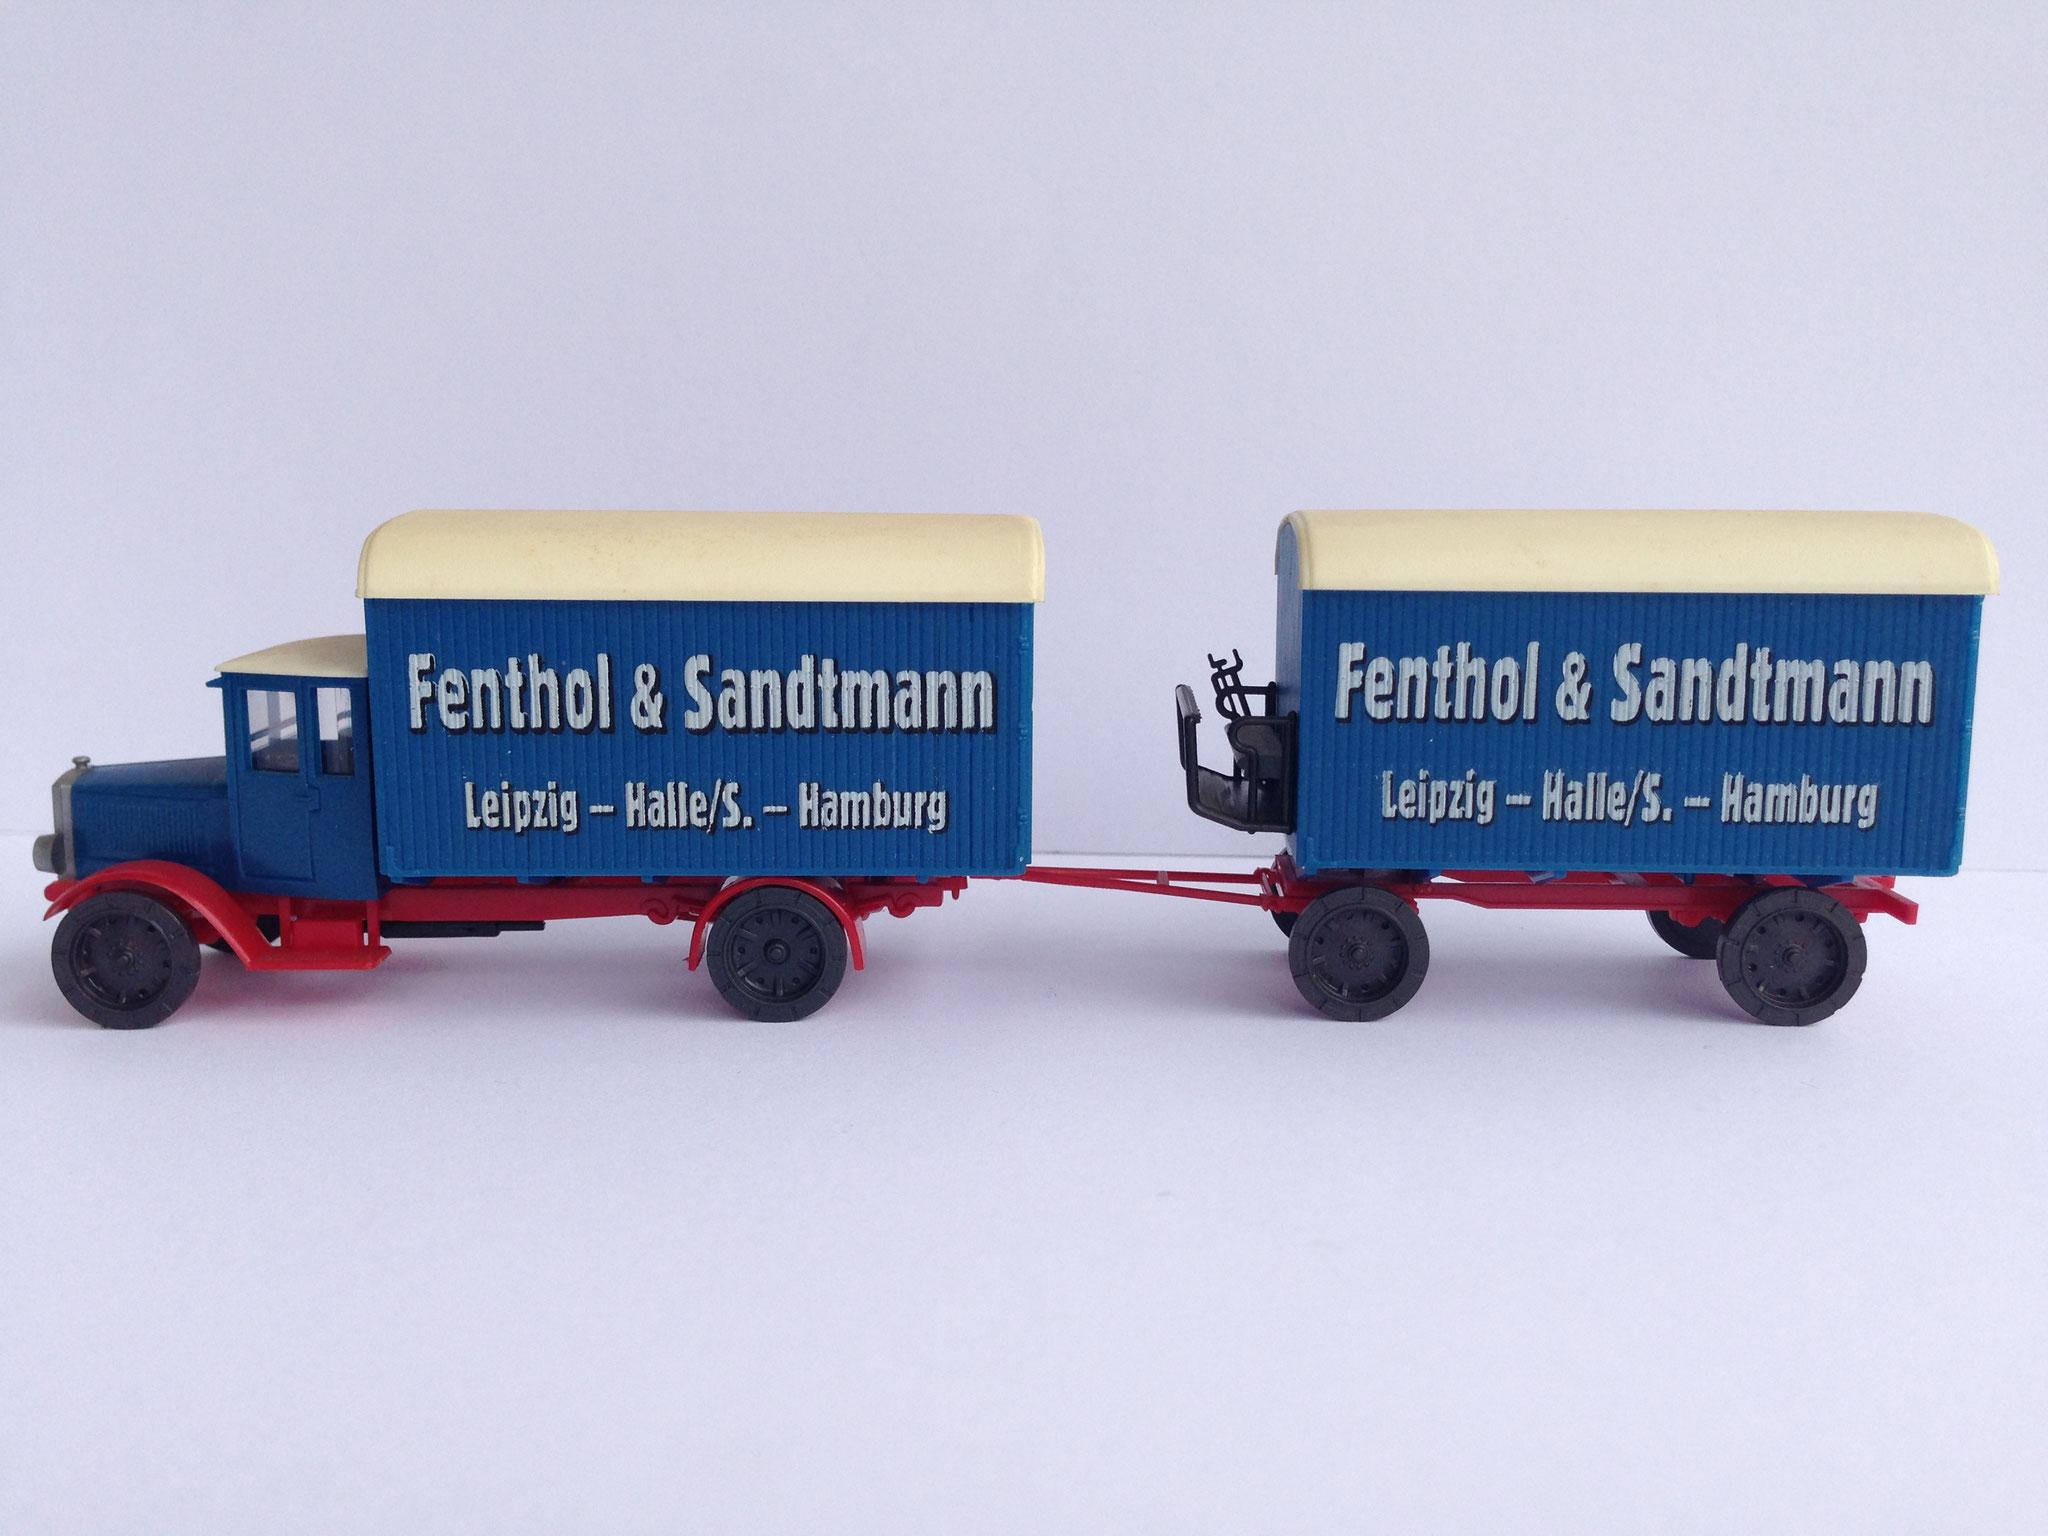 MAN T5 Fenthol & Sandtmann, Möbelzug, Art. Nr. 373.01 (von Wiking ab 1996 unter dem Label Roskopf im Programm)